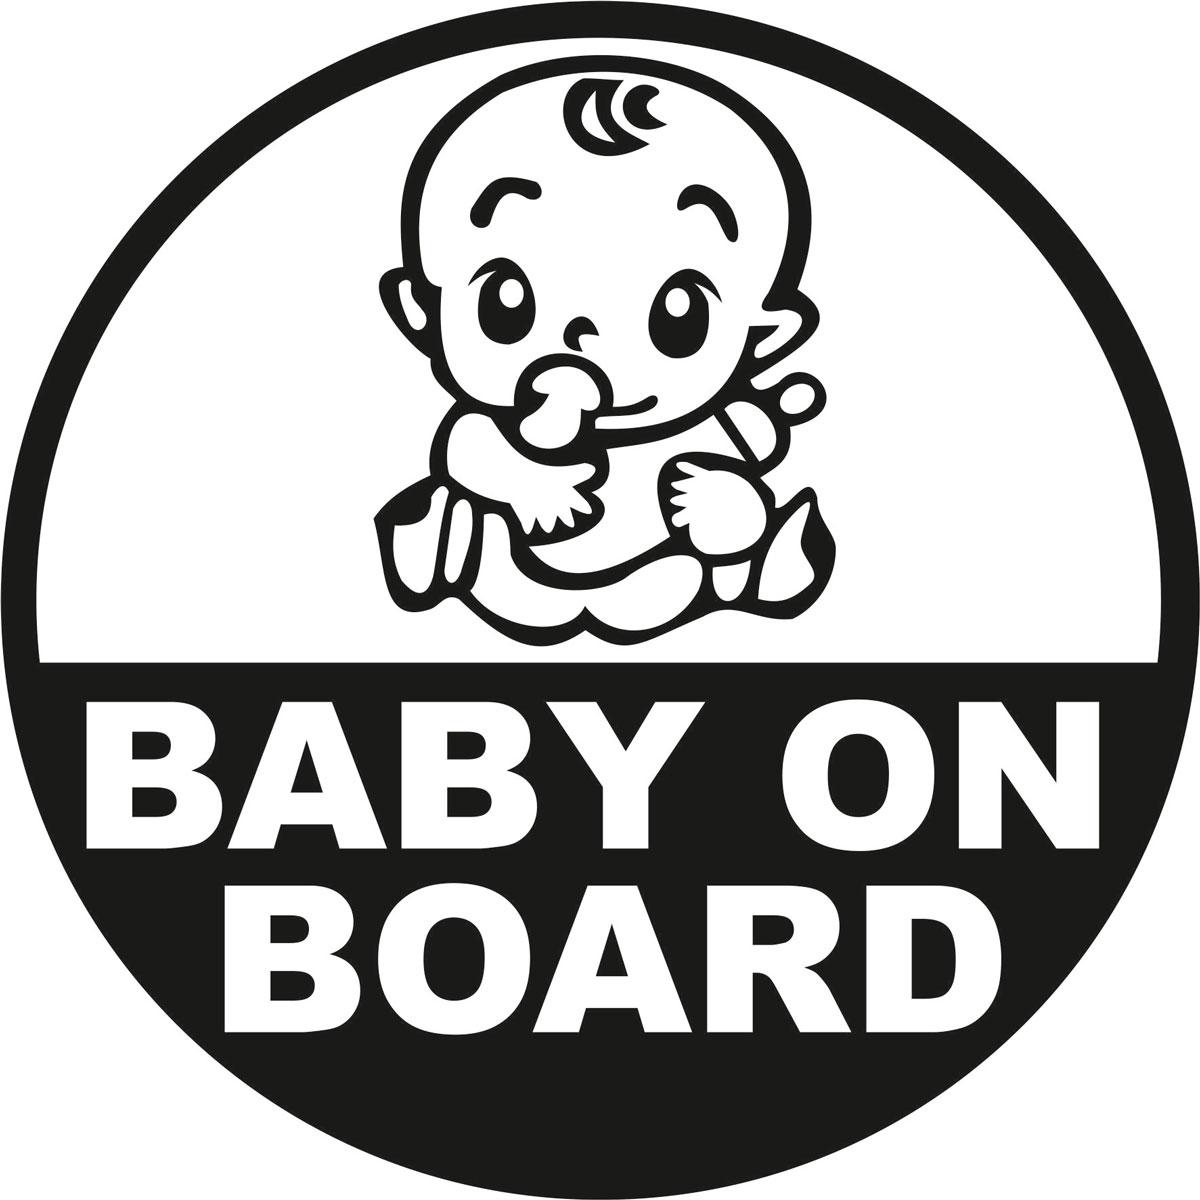 Наклейка автомобильная Оранжевый слоник Baby on Board. Круг 2, виниловая, цвет: черный150RM0008BОригинальная наклейка Оранжевый слоник Baby on Board. Круг 2 изготовлена из долговечного винила, который выполняет не только декоративную функцию, но и защищает кузов от небольших механических повреждений, либо скрывает уже существующие. Виниловые наклейки на авто - это не только красиво, но еще и быстро! Всего за несколько минут вы можете полностью преобразить свой автомобиль, сделать его ярким, необычным, особенным и неповторимым!